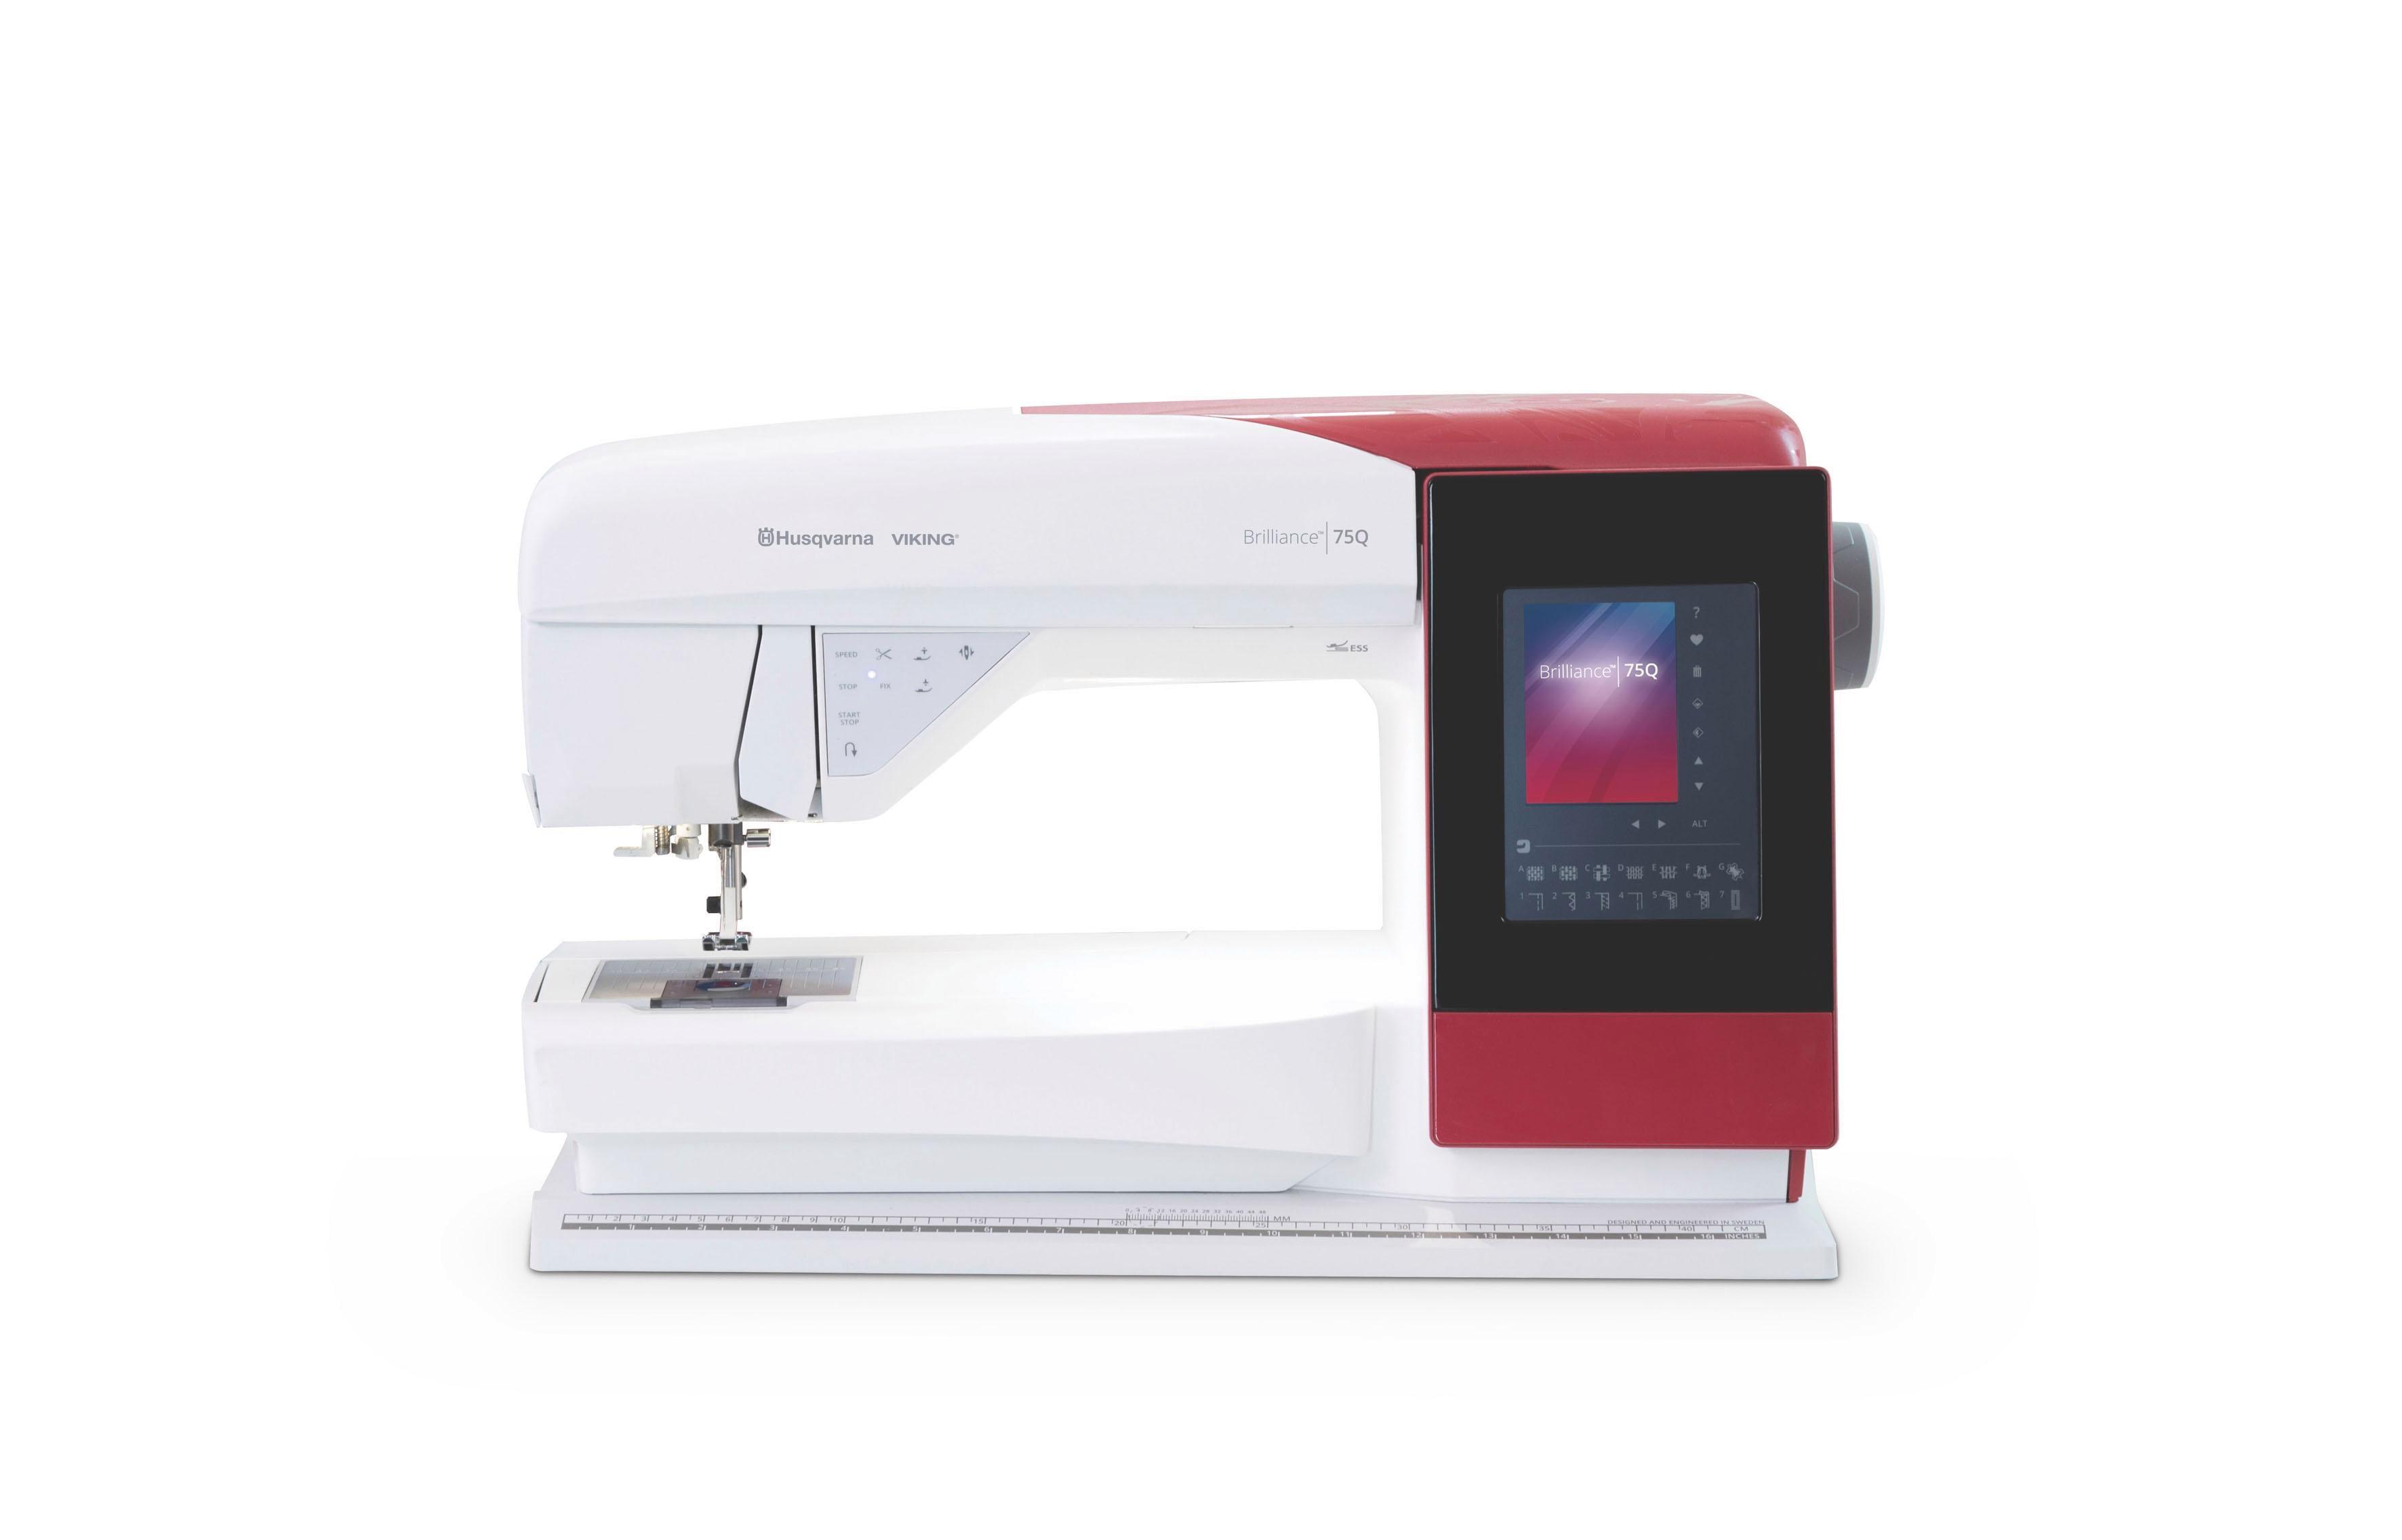 Husqvarna Computer-Nähmaschine Brilliance™ 75Q, 460 Nähprogramme   Flur & Diele > Haushaltsgeräte > Strick und Nähmaschinen   Rot   HUSQVARNA VIKING